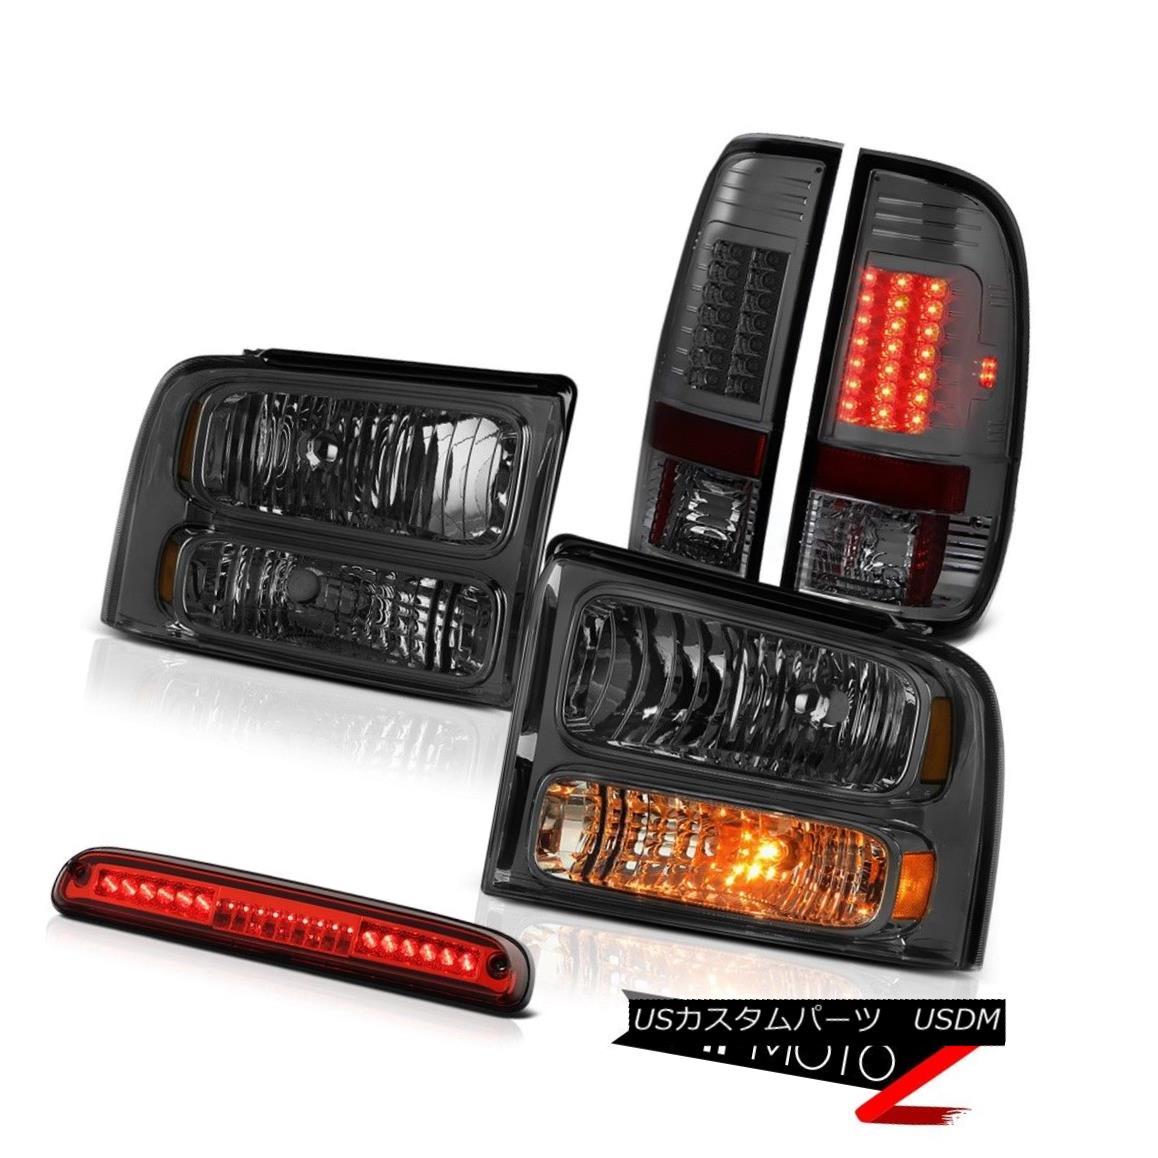 テールライト 2005 2006 2007 F350 Highline Dark Front Headlights Tint LED Brake Lights Red 3rd 2005年2006年2007年F350ハイライトダークフロントヘッドライト色合いLEDブレーキライト赤色第3